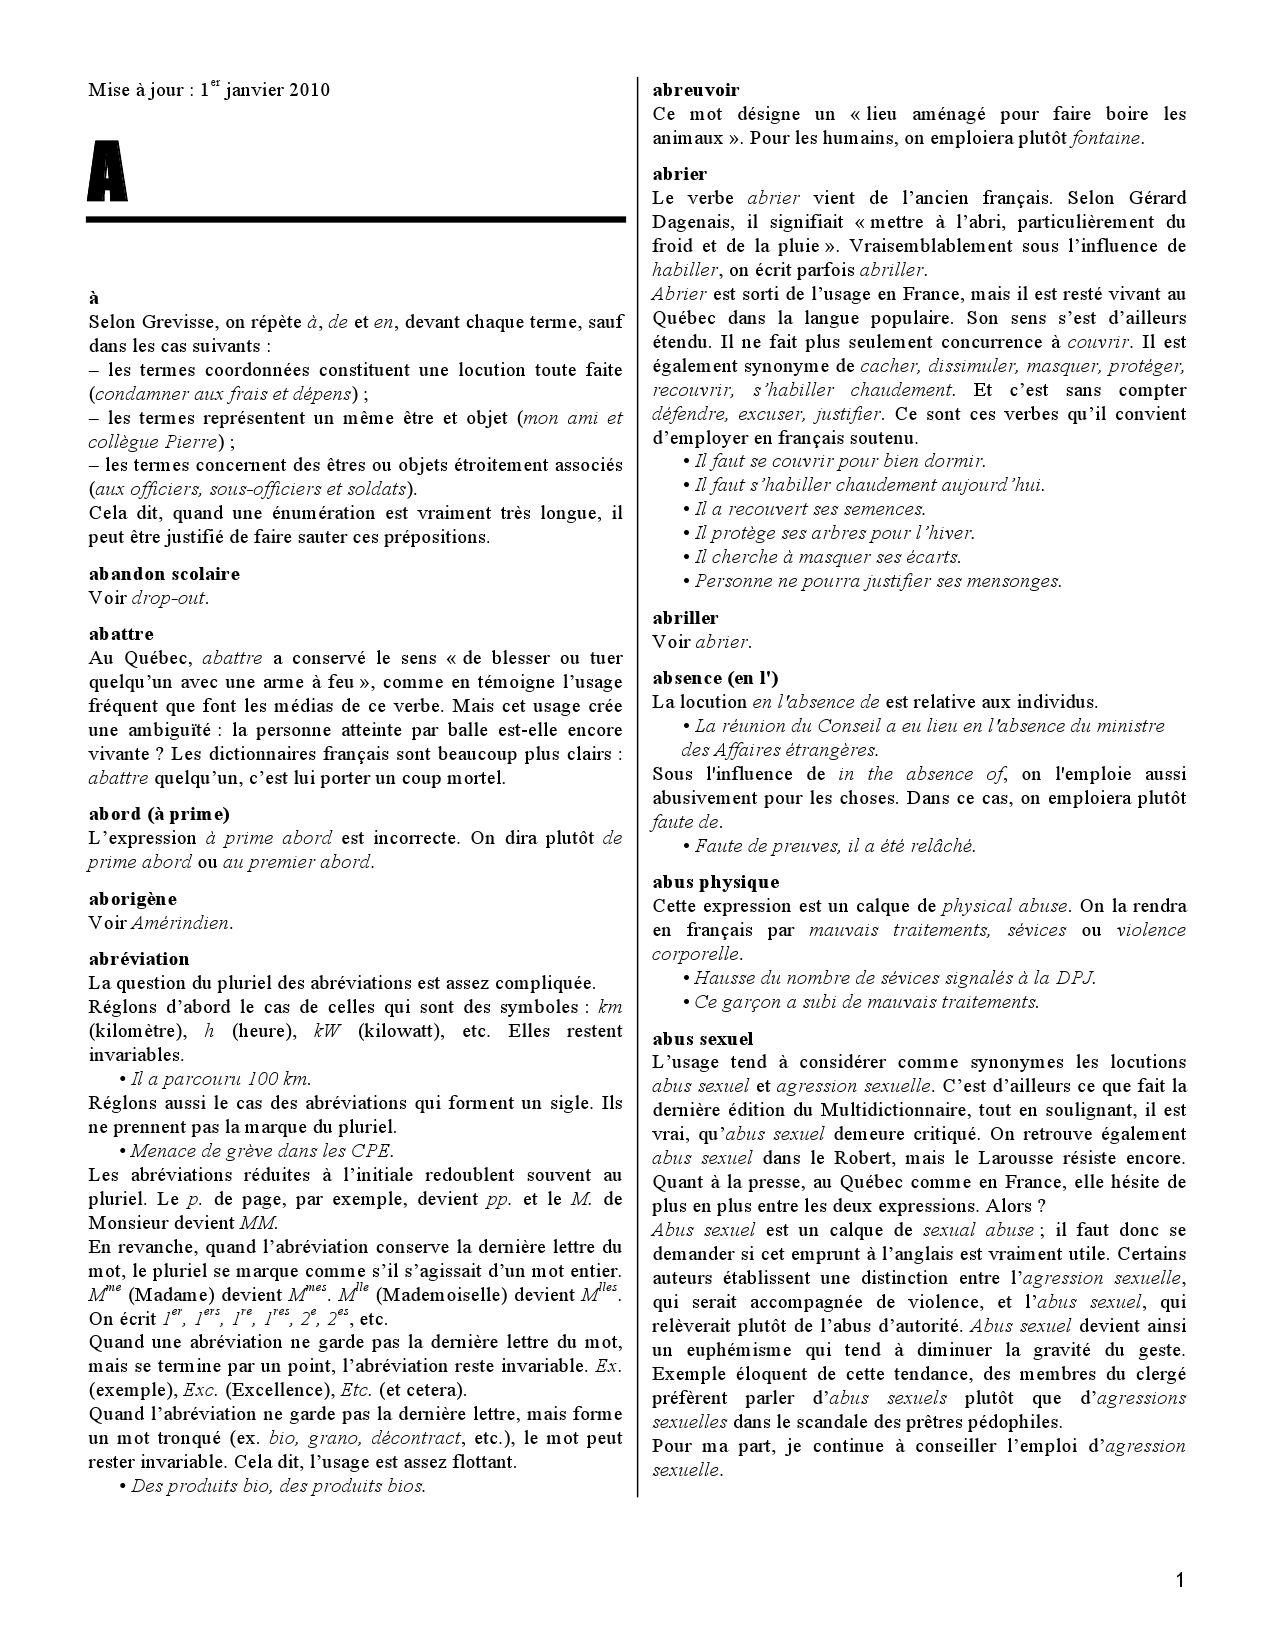 lexique des difficult u00e9s du fran u00e7ais dans les m u00e9dias by la